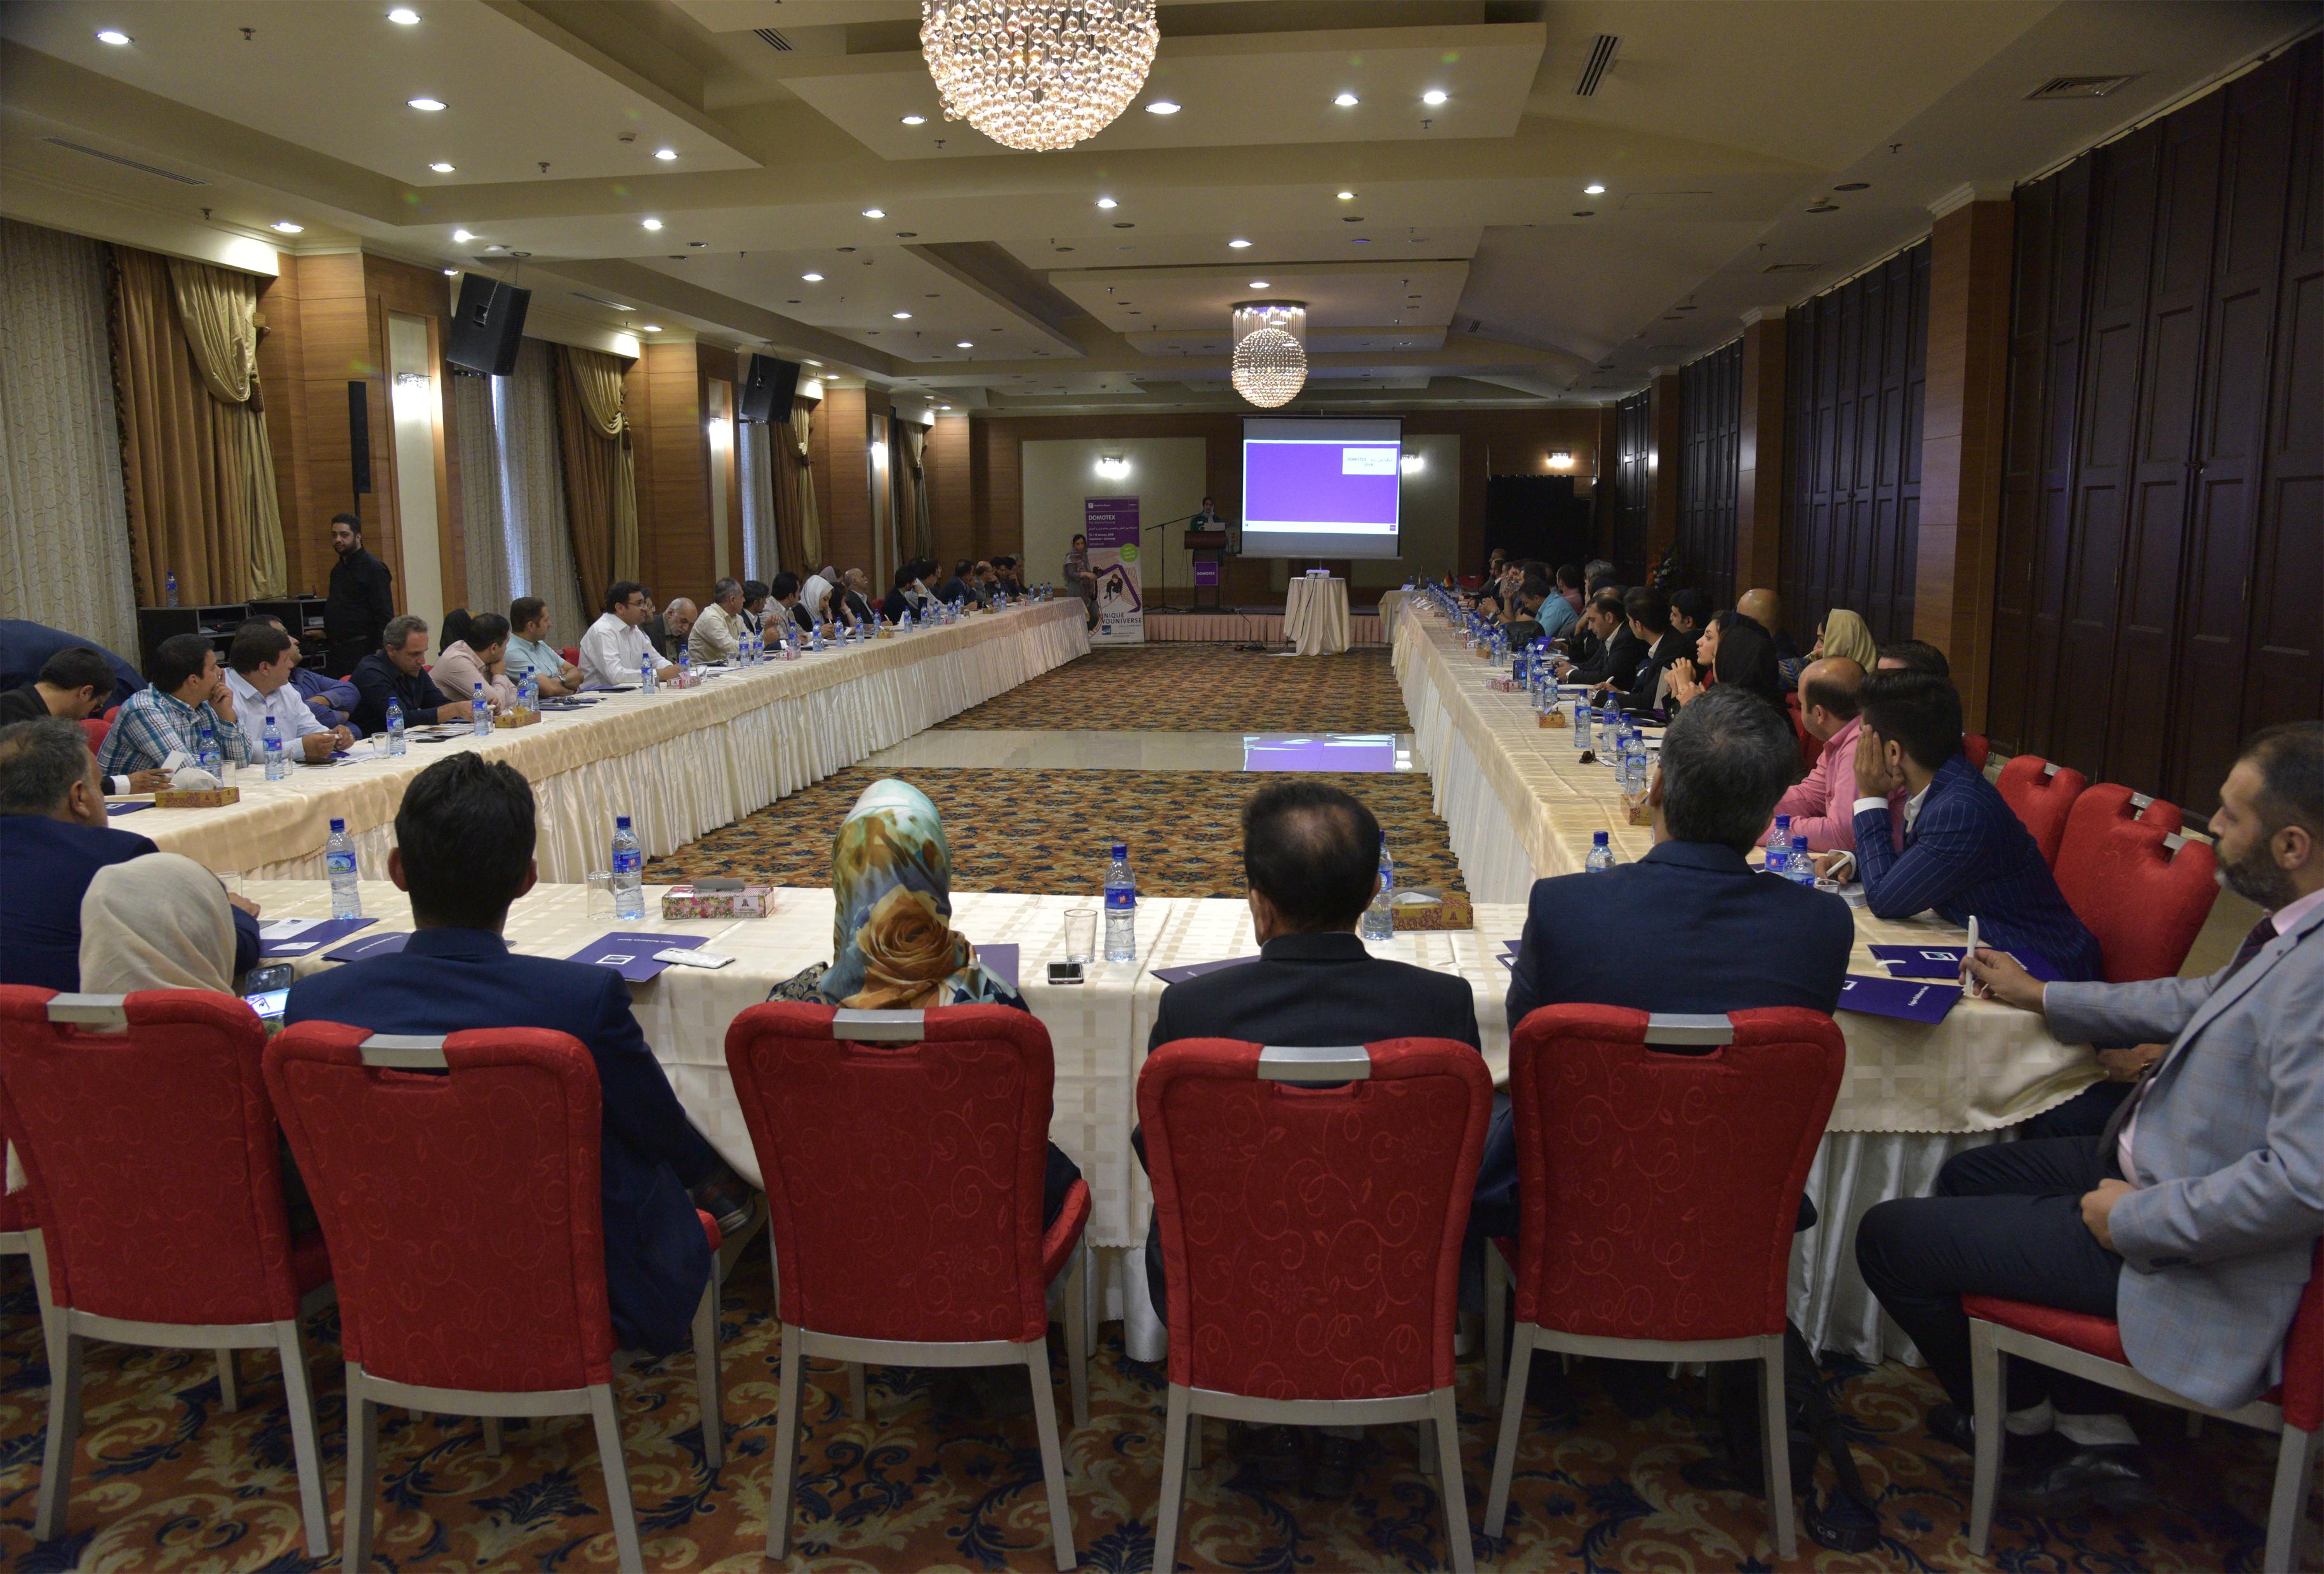 برگزاری همایش دموتکس در ایران